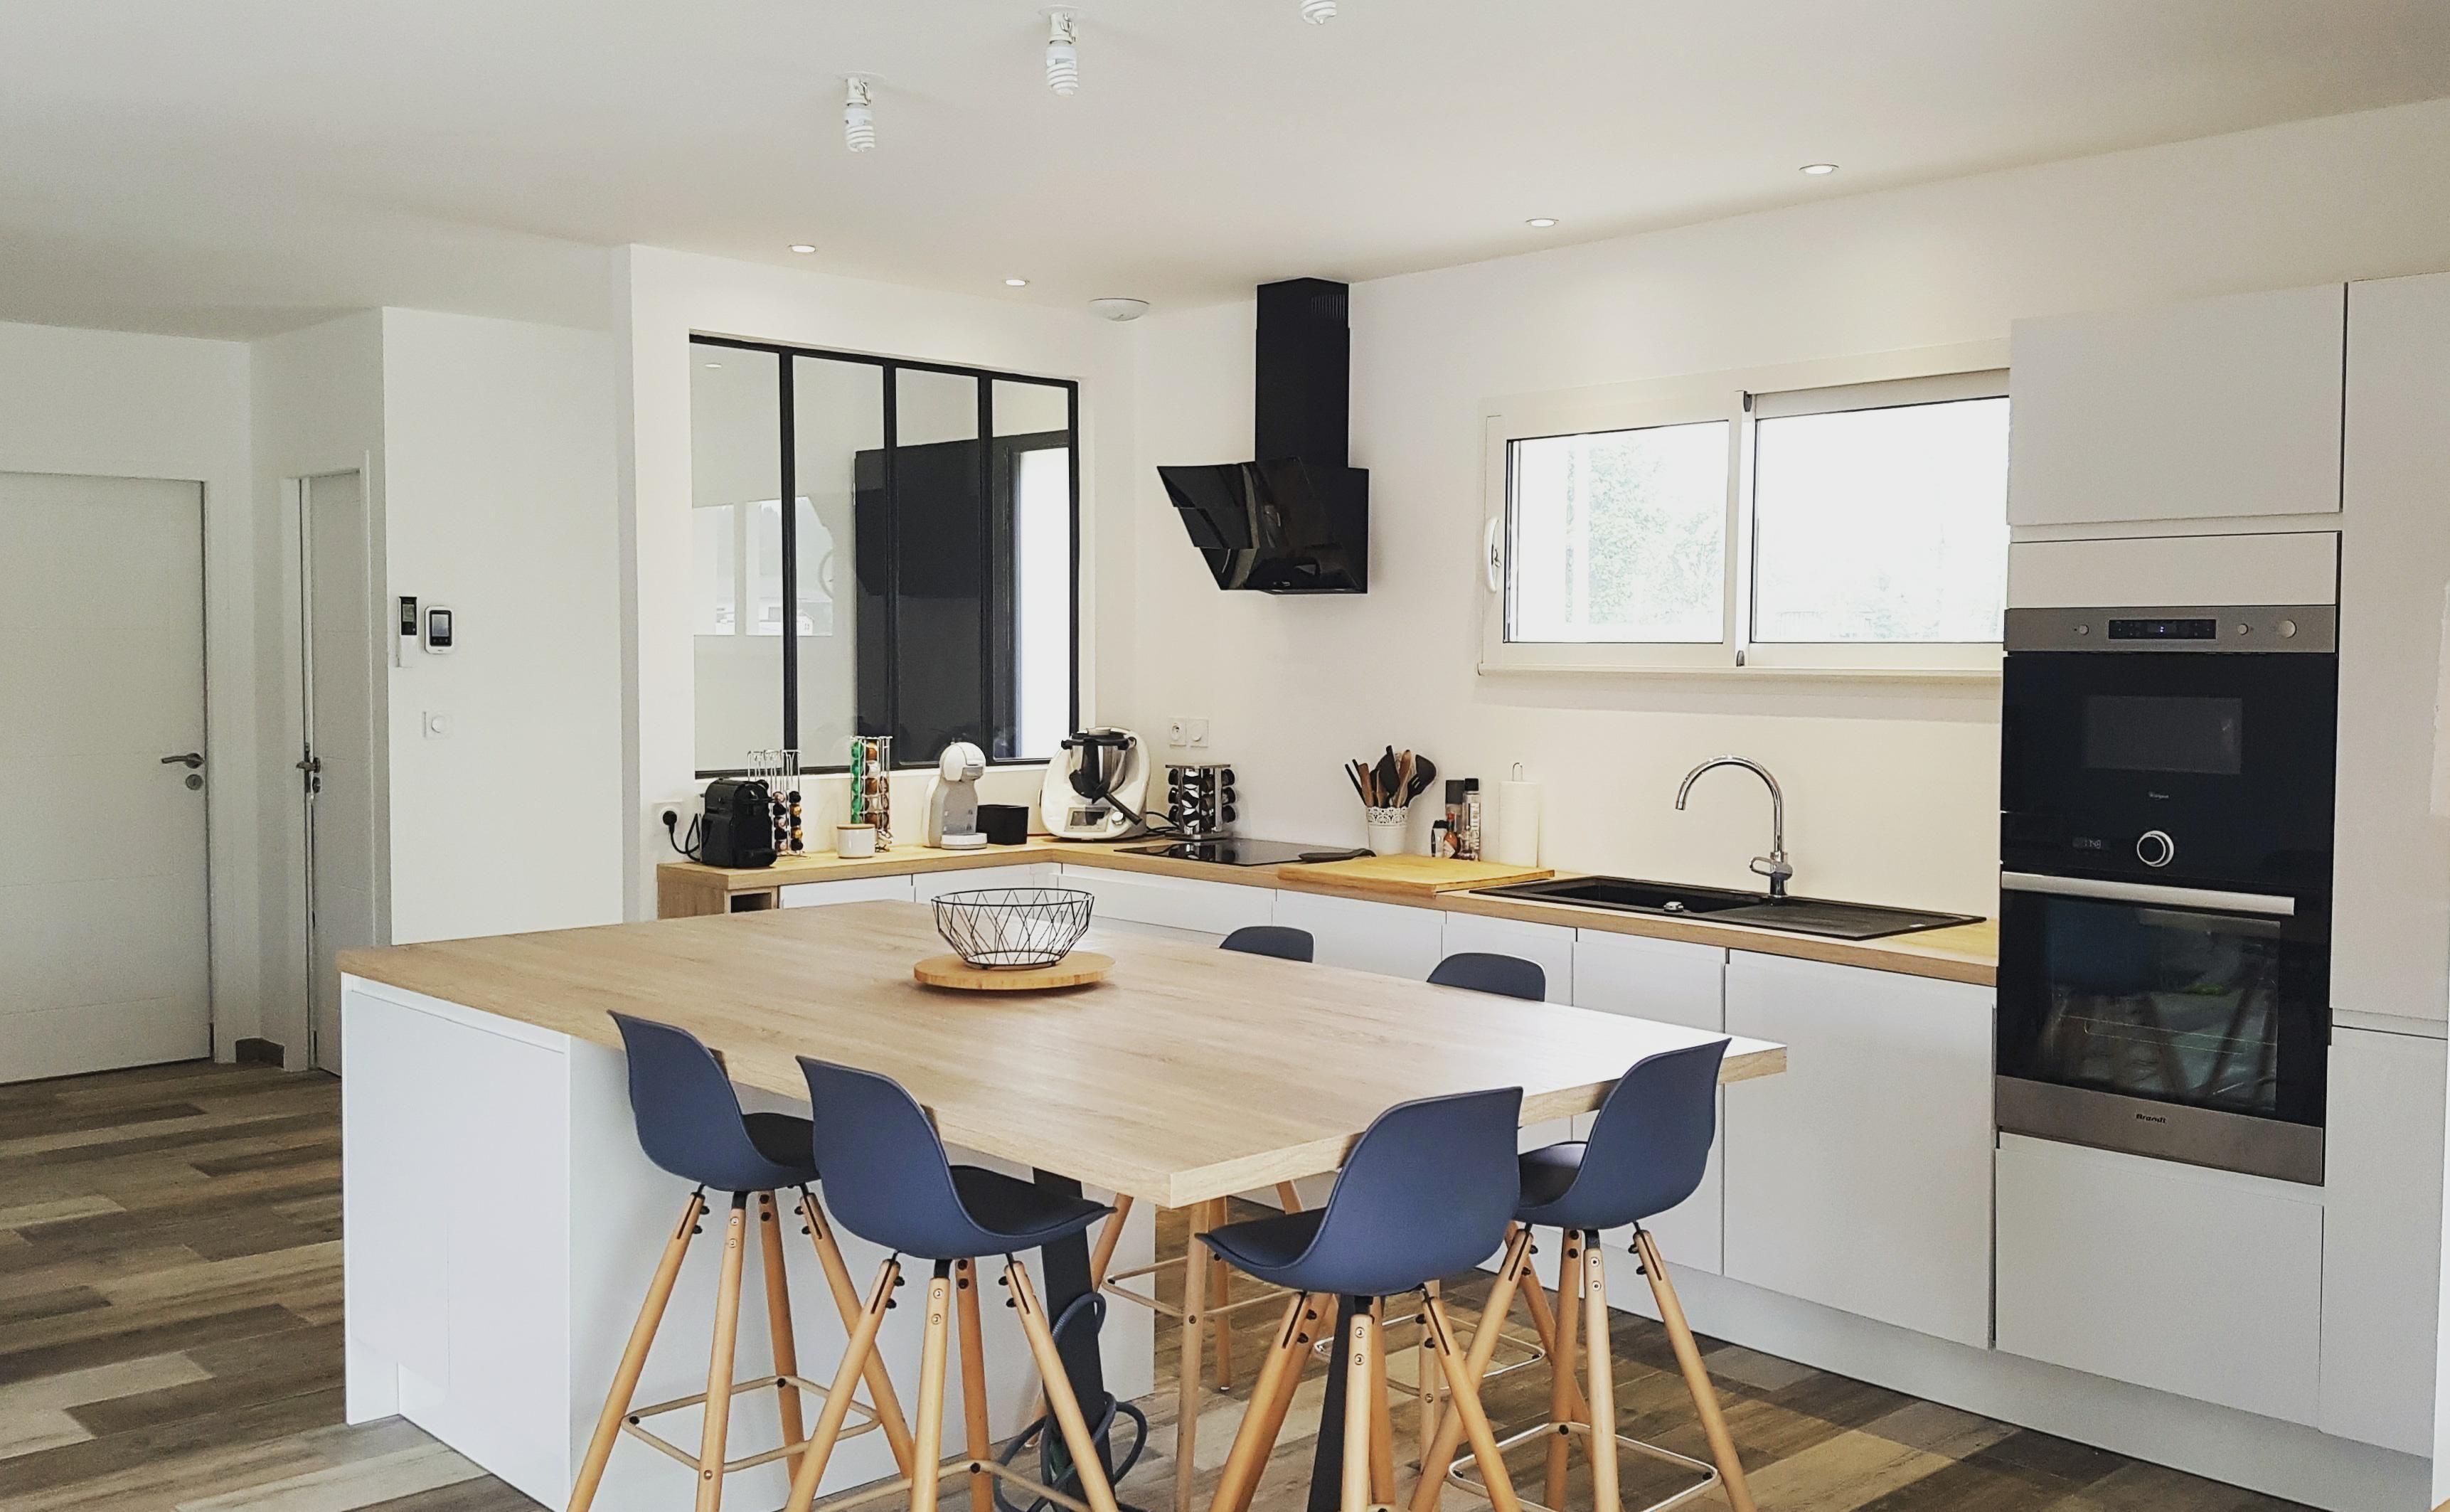 Cuisine Ilot Central Blanc modern furniture panosundaki pin